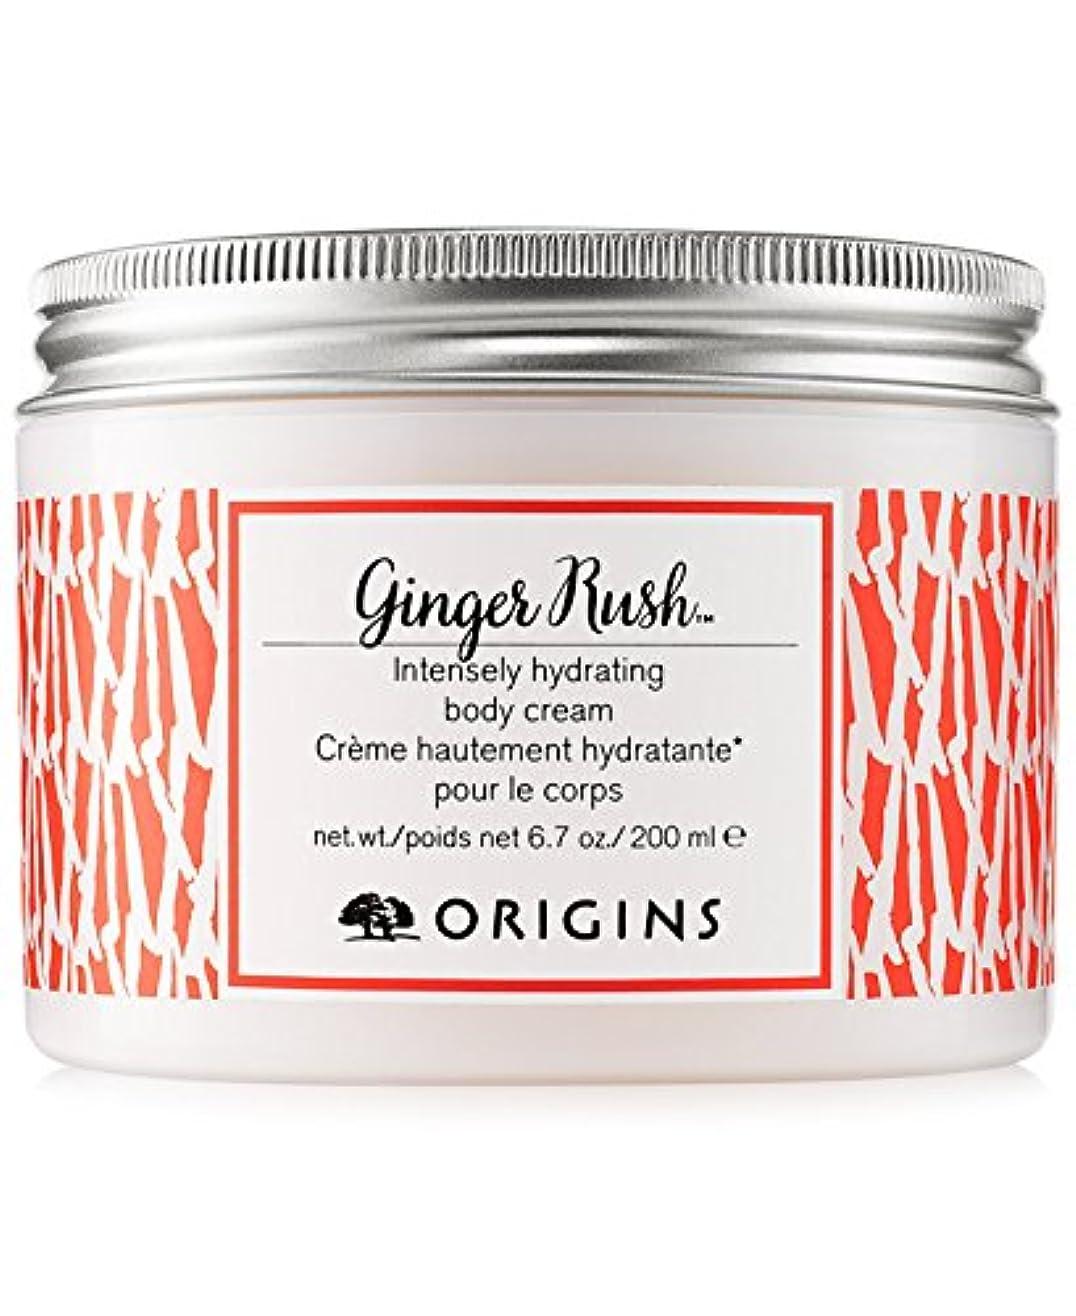 手紙を書くすみません優れたOrigins Ginger Rush Hydrating Body Cream, 6.7 oz.200 ml